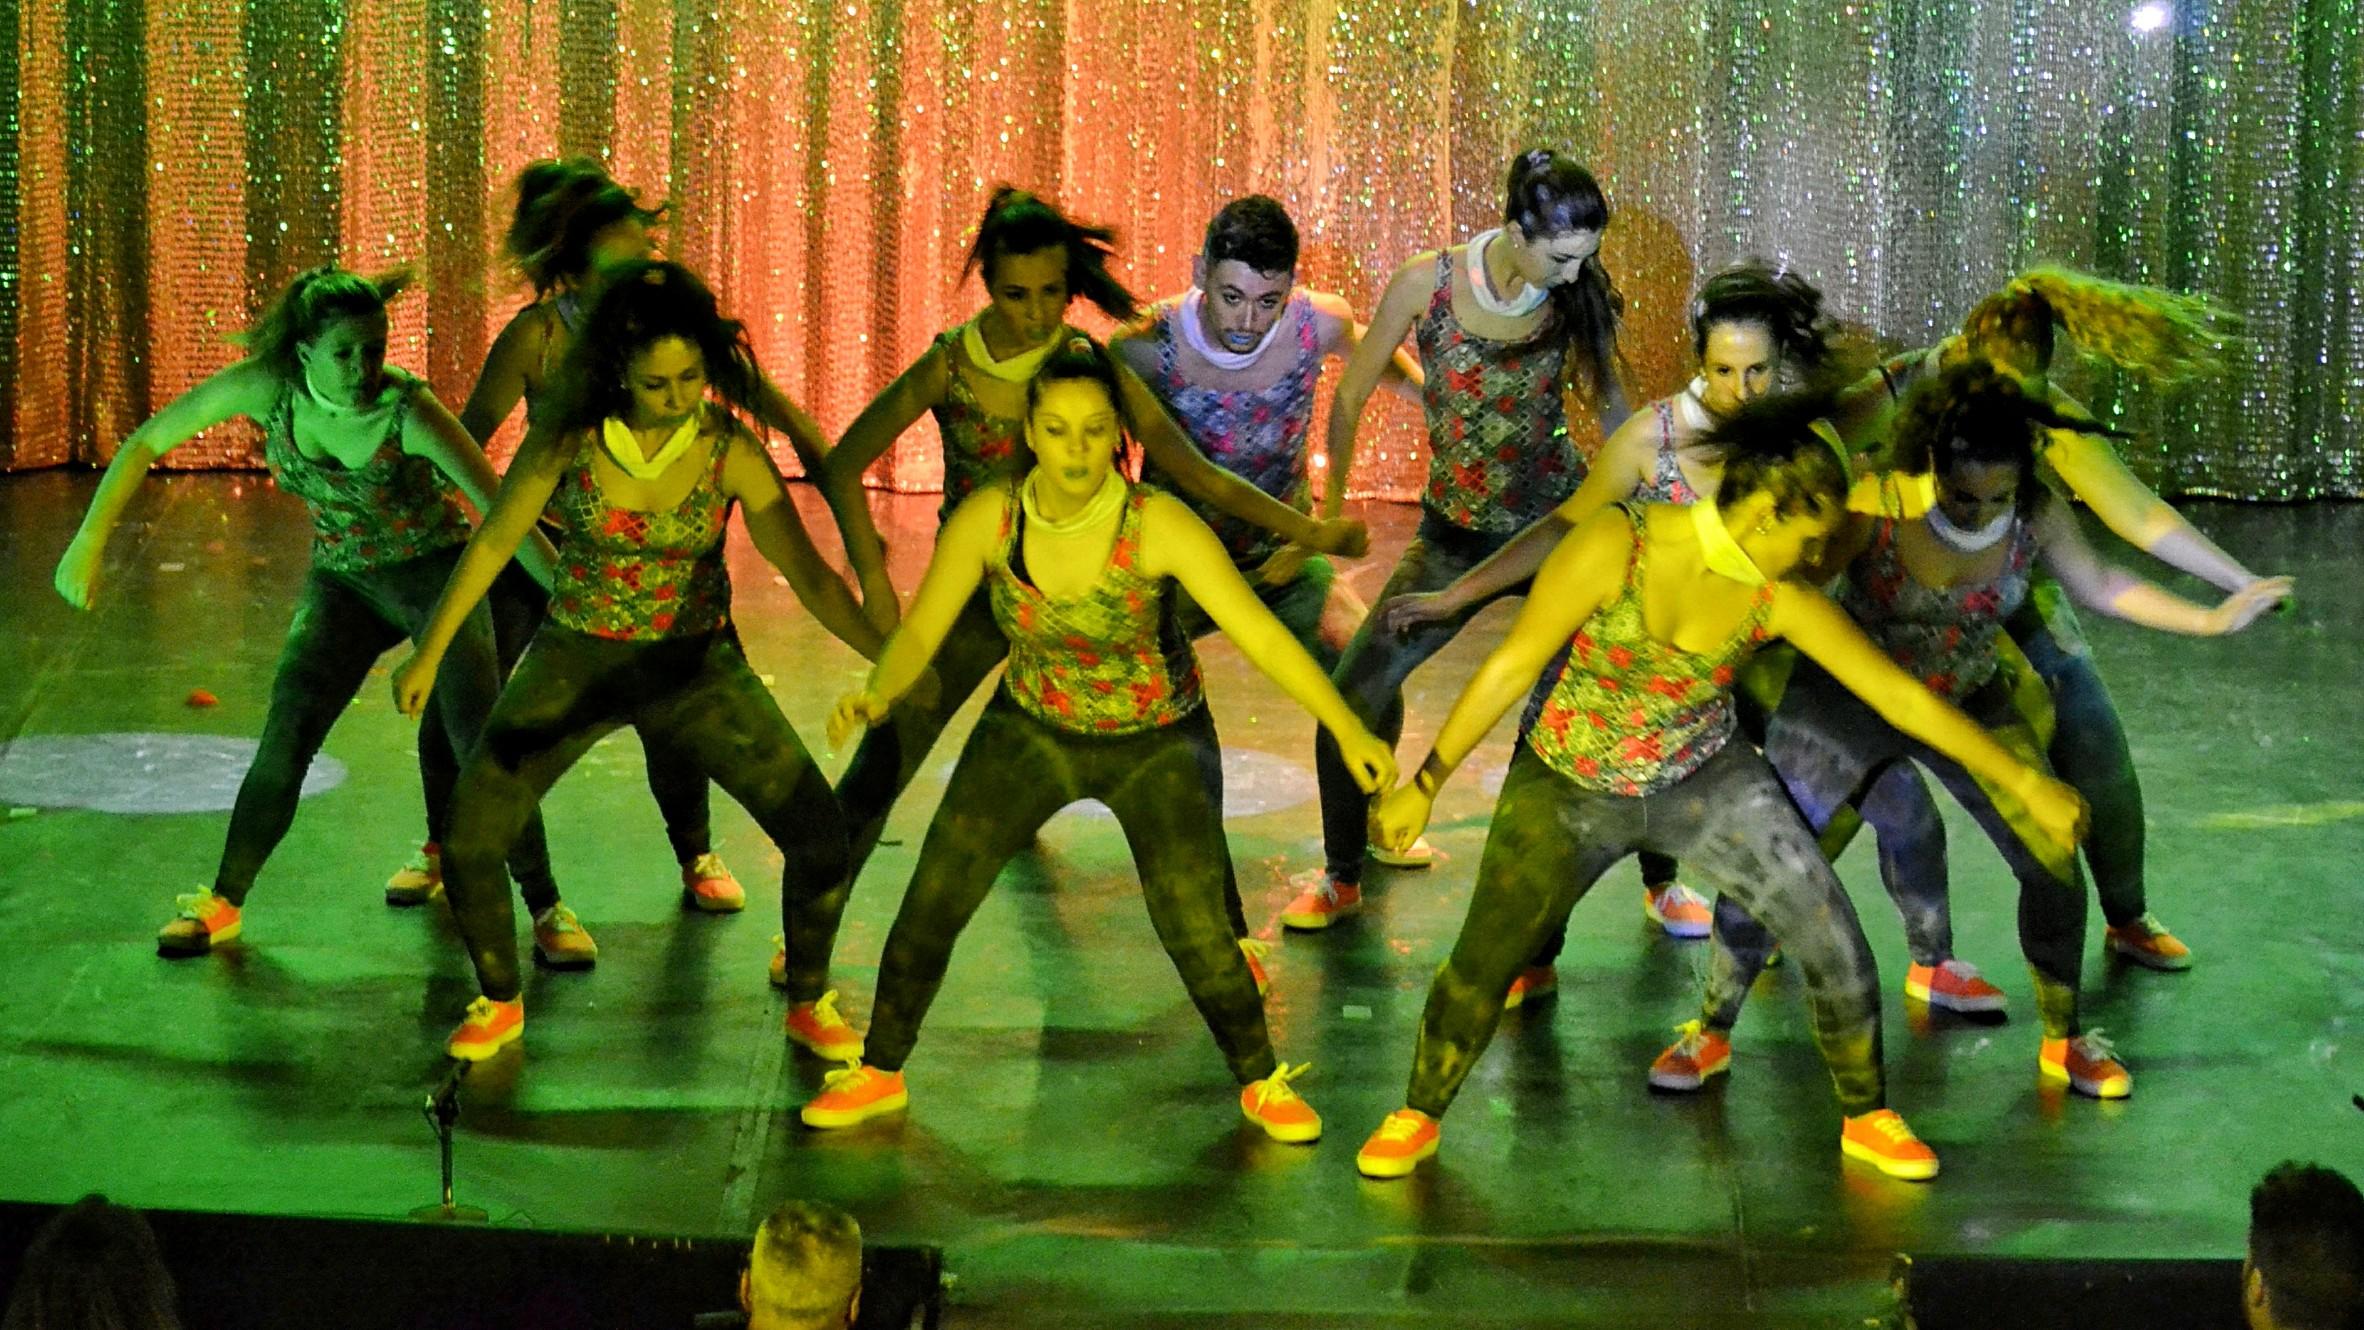 Linea-de-Baile-festival-verano-2015-clases-de-baile-valencia-107